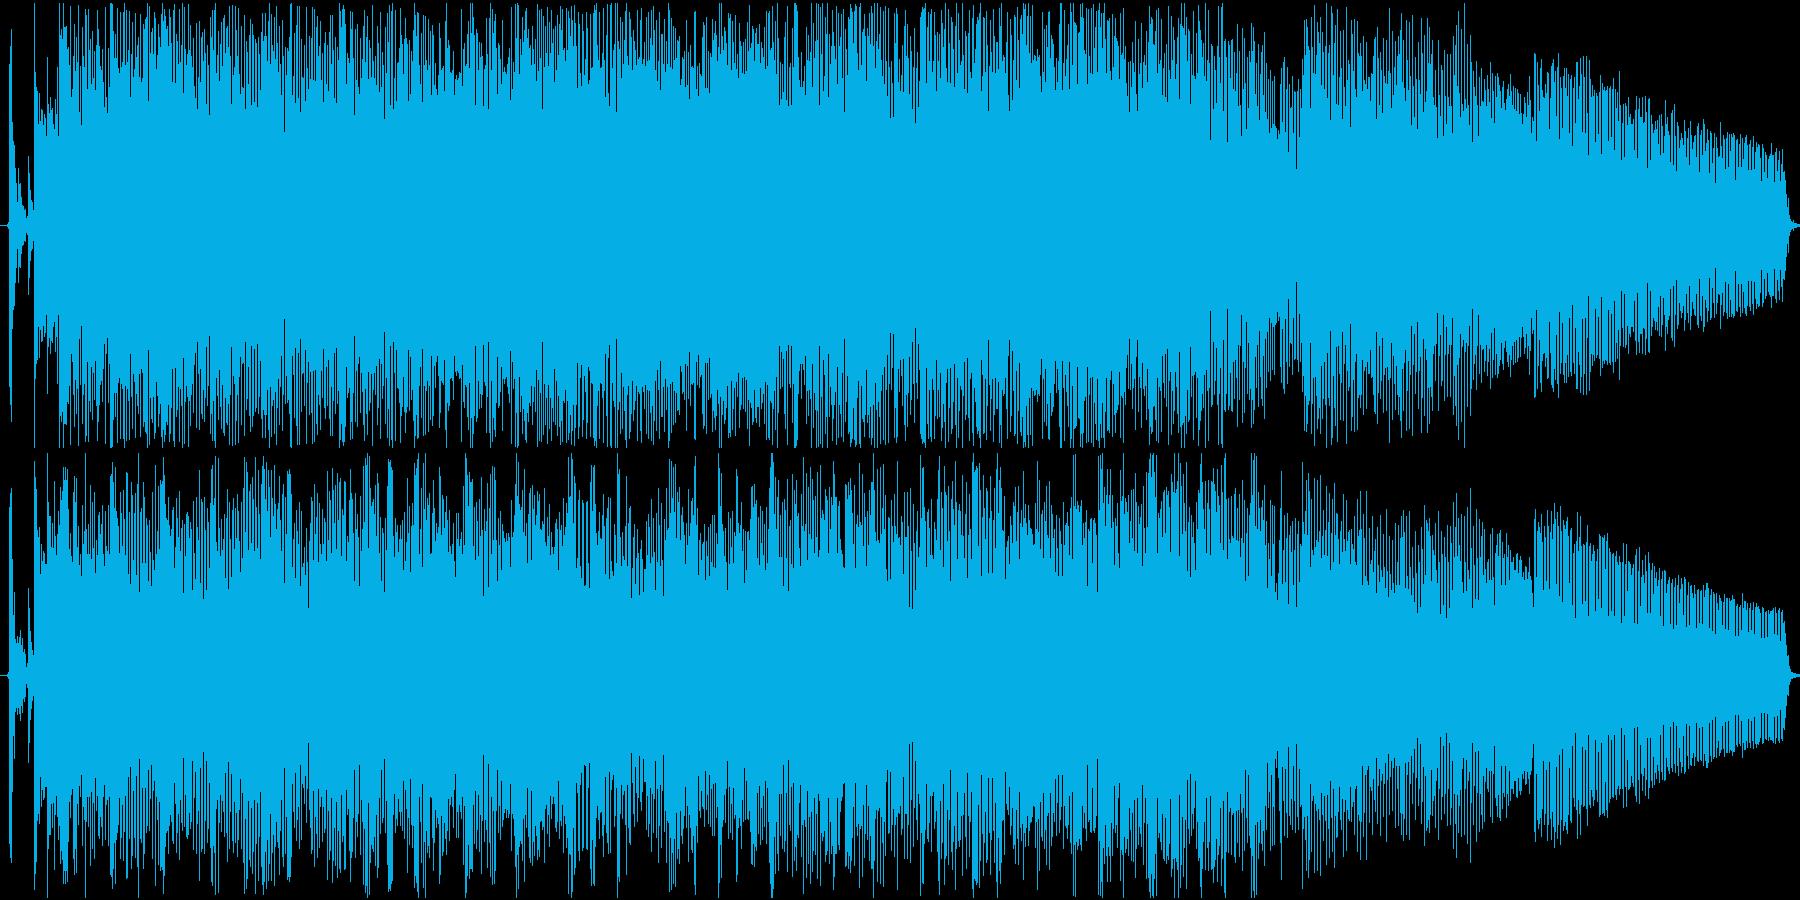 ポップでかわいいジングル の再生済みの波形